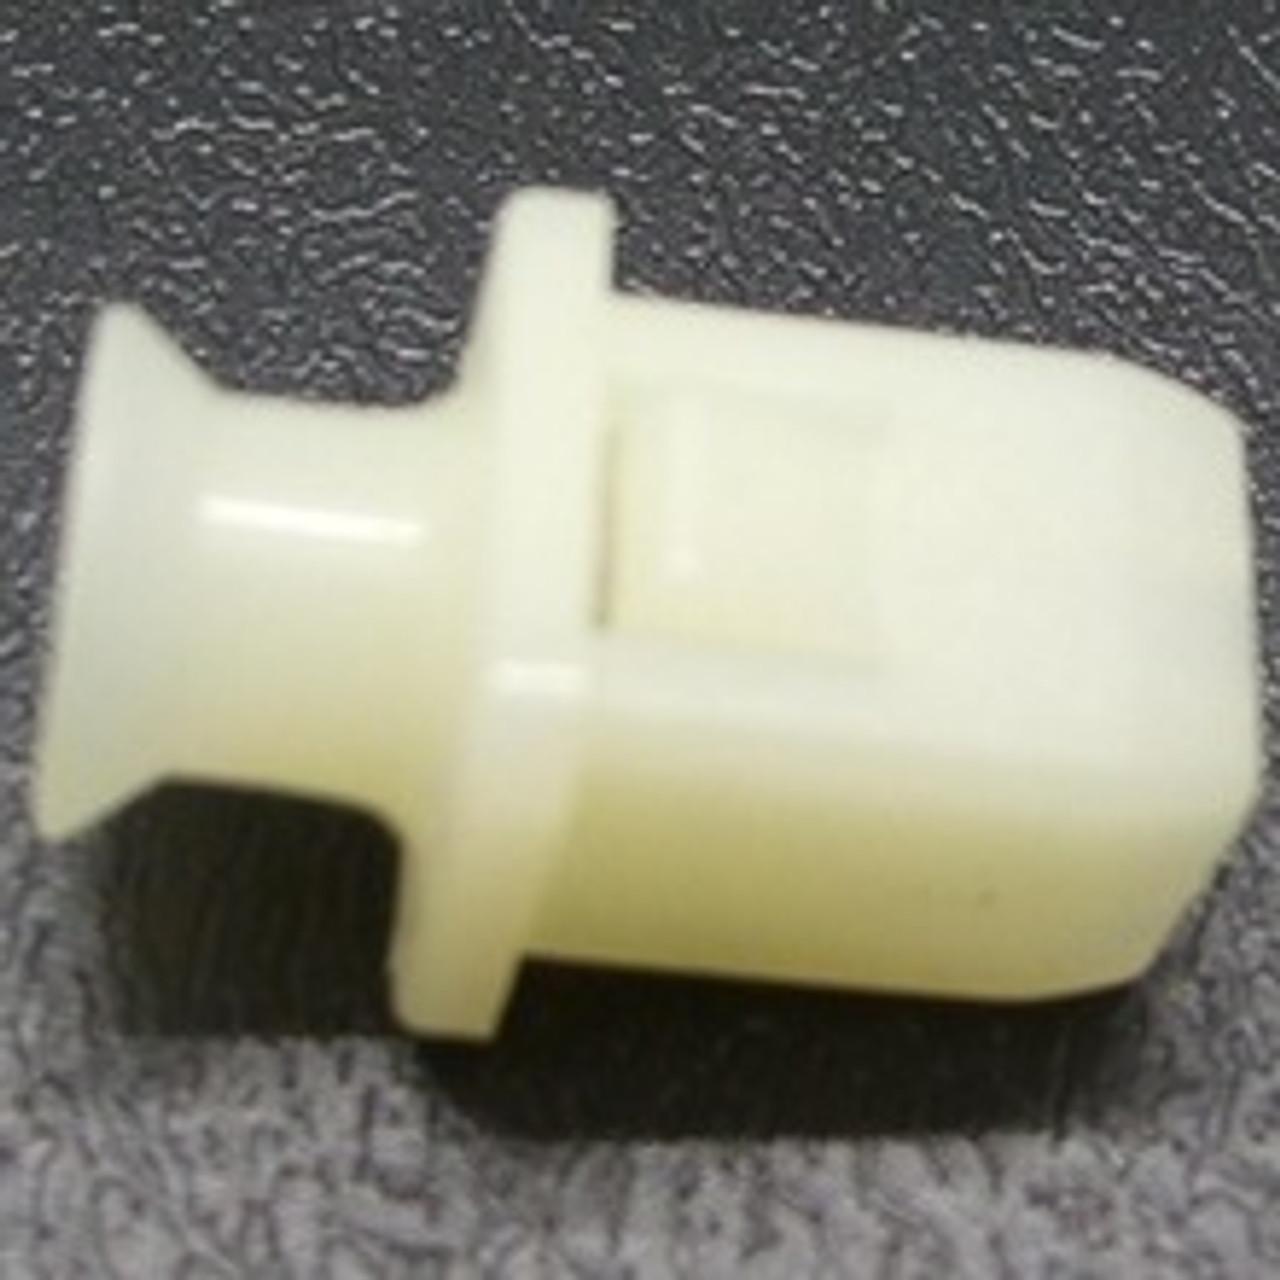 Toyota Truck Headlight Adjusting Screw Nuts 1984-On Nylon 25 Per Box